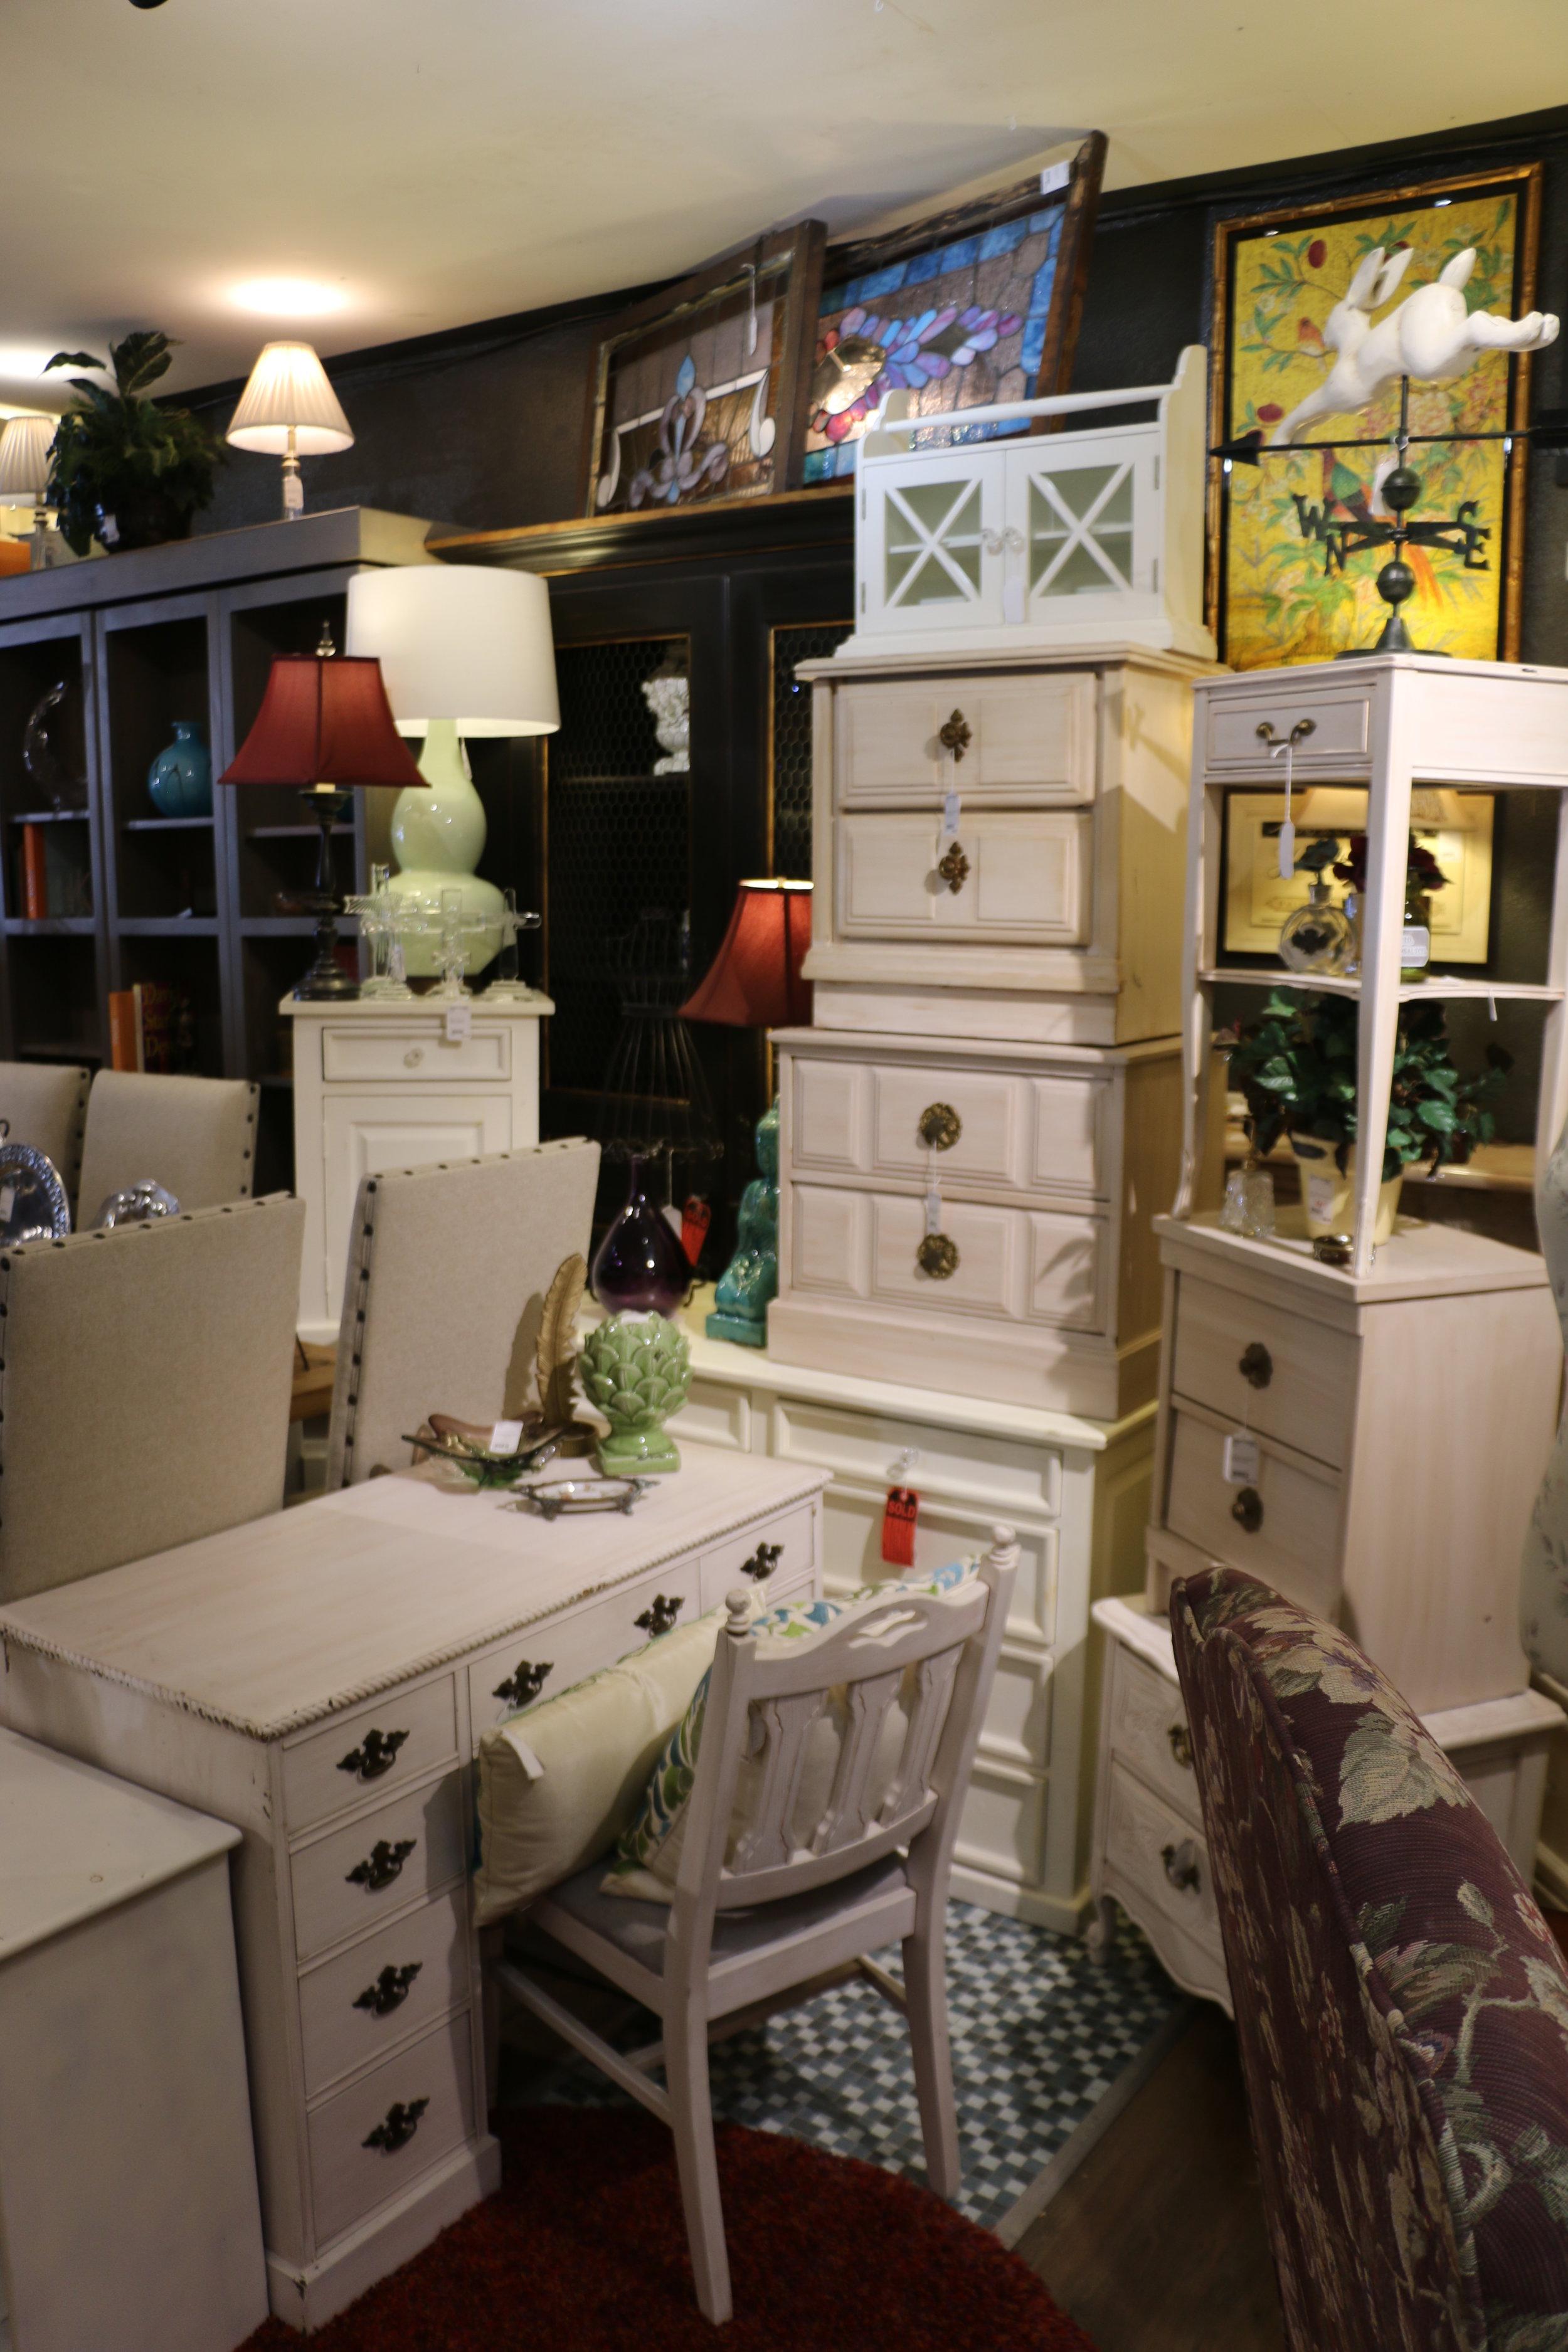 6-23-17 store pics 008.JPG